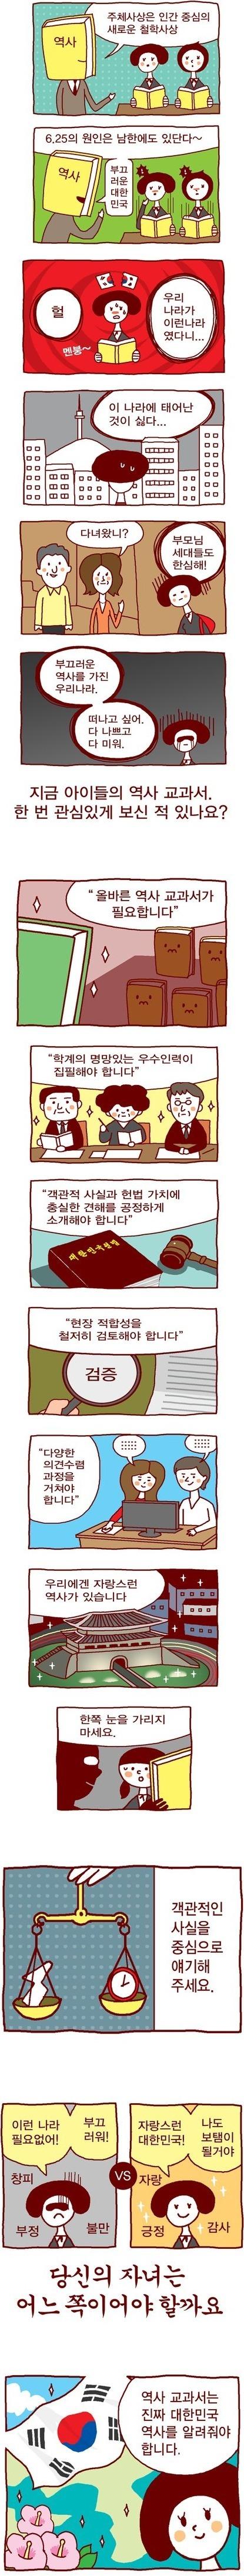 윤서인의 국정화교과서 홍보만화와 김제동 비난 그리고 교묘한 사실 왜곡 능력